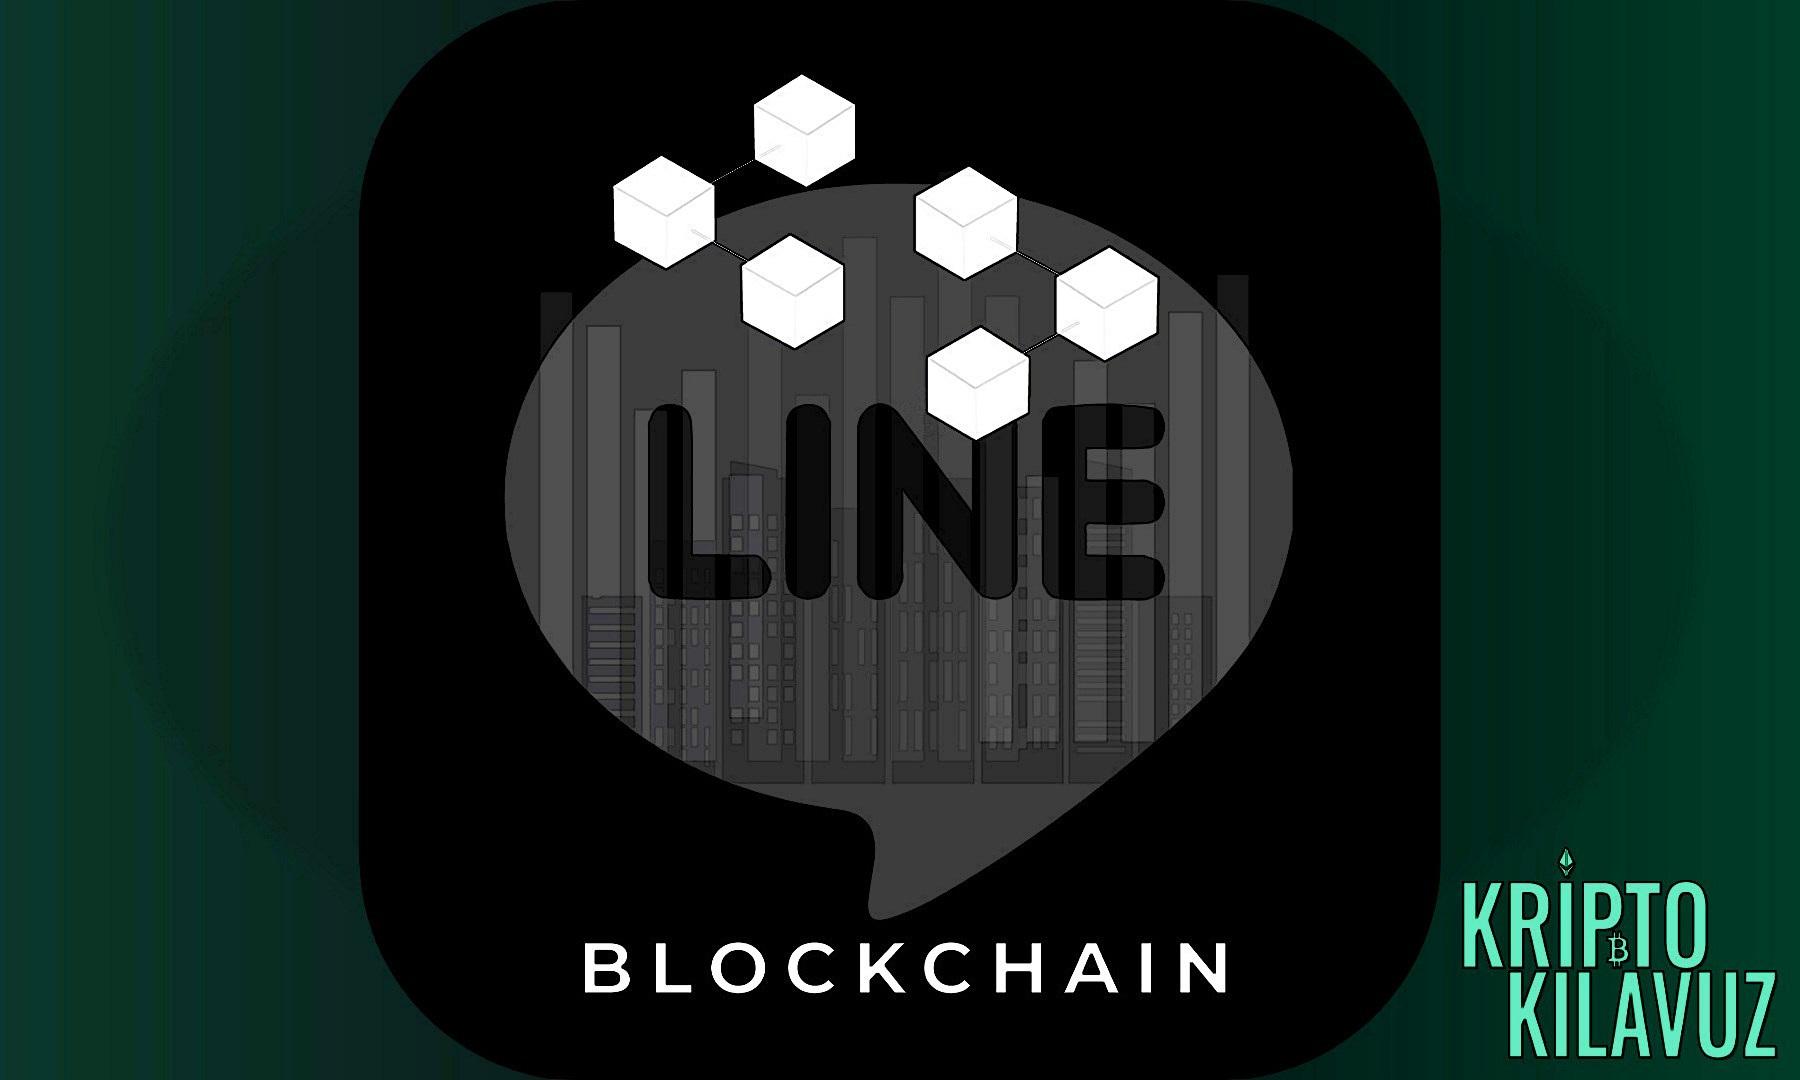 Japonya'nın Önde Gelen Mesajlaşma Uygulaması LINE Blockchain Tabanlı Bir Uygulama İçin Anlaşma İmzaladı